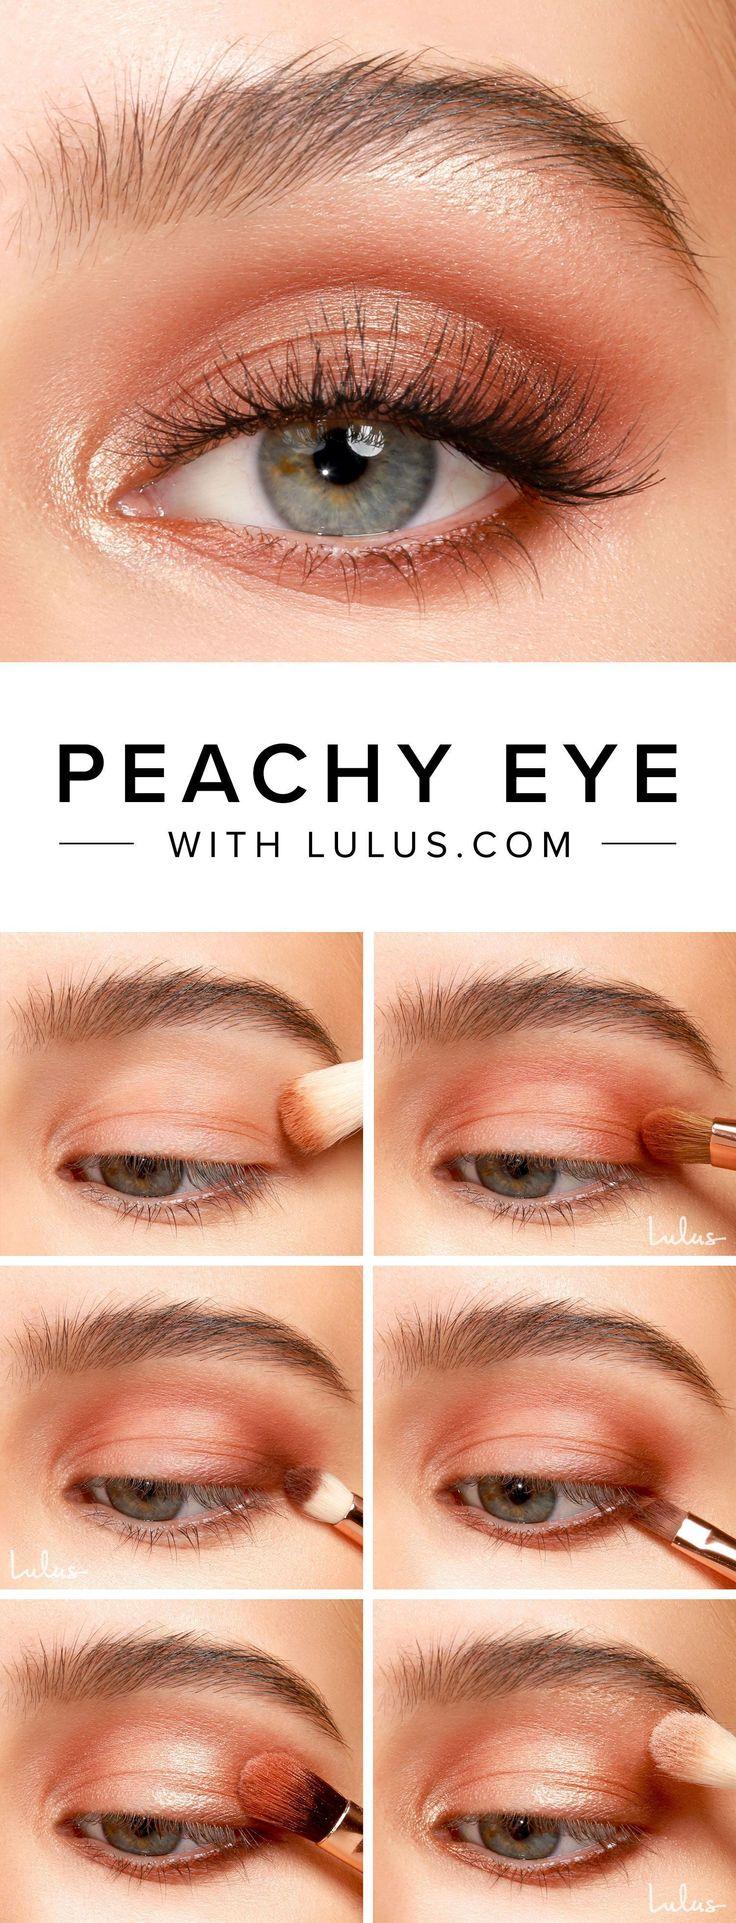 Peachy Eyeshadow Tutorial in 2020 Dramatic eye makeup